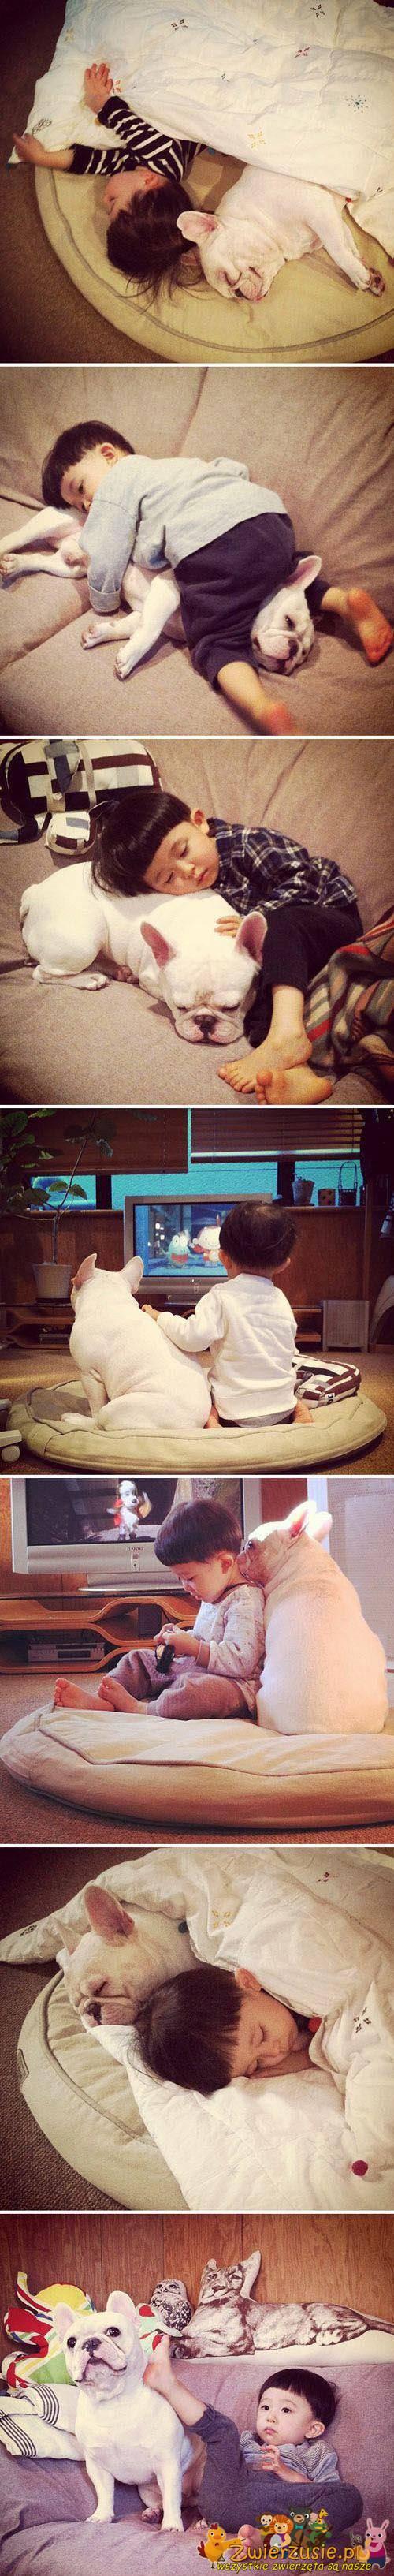 Buldog i dziecko